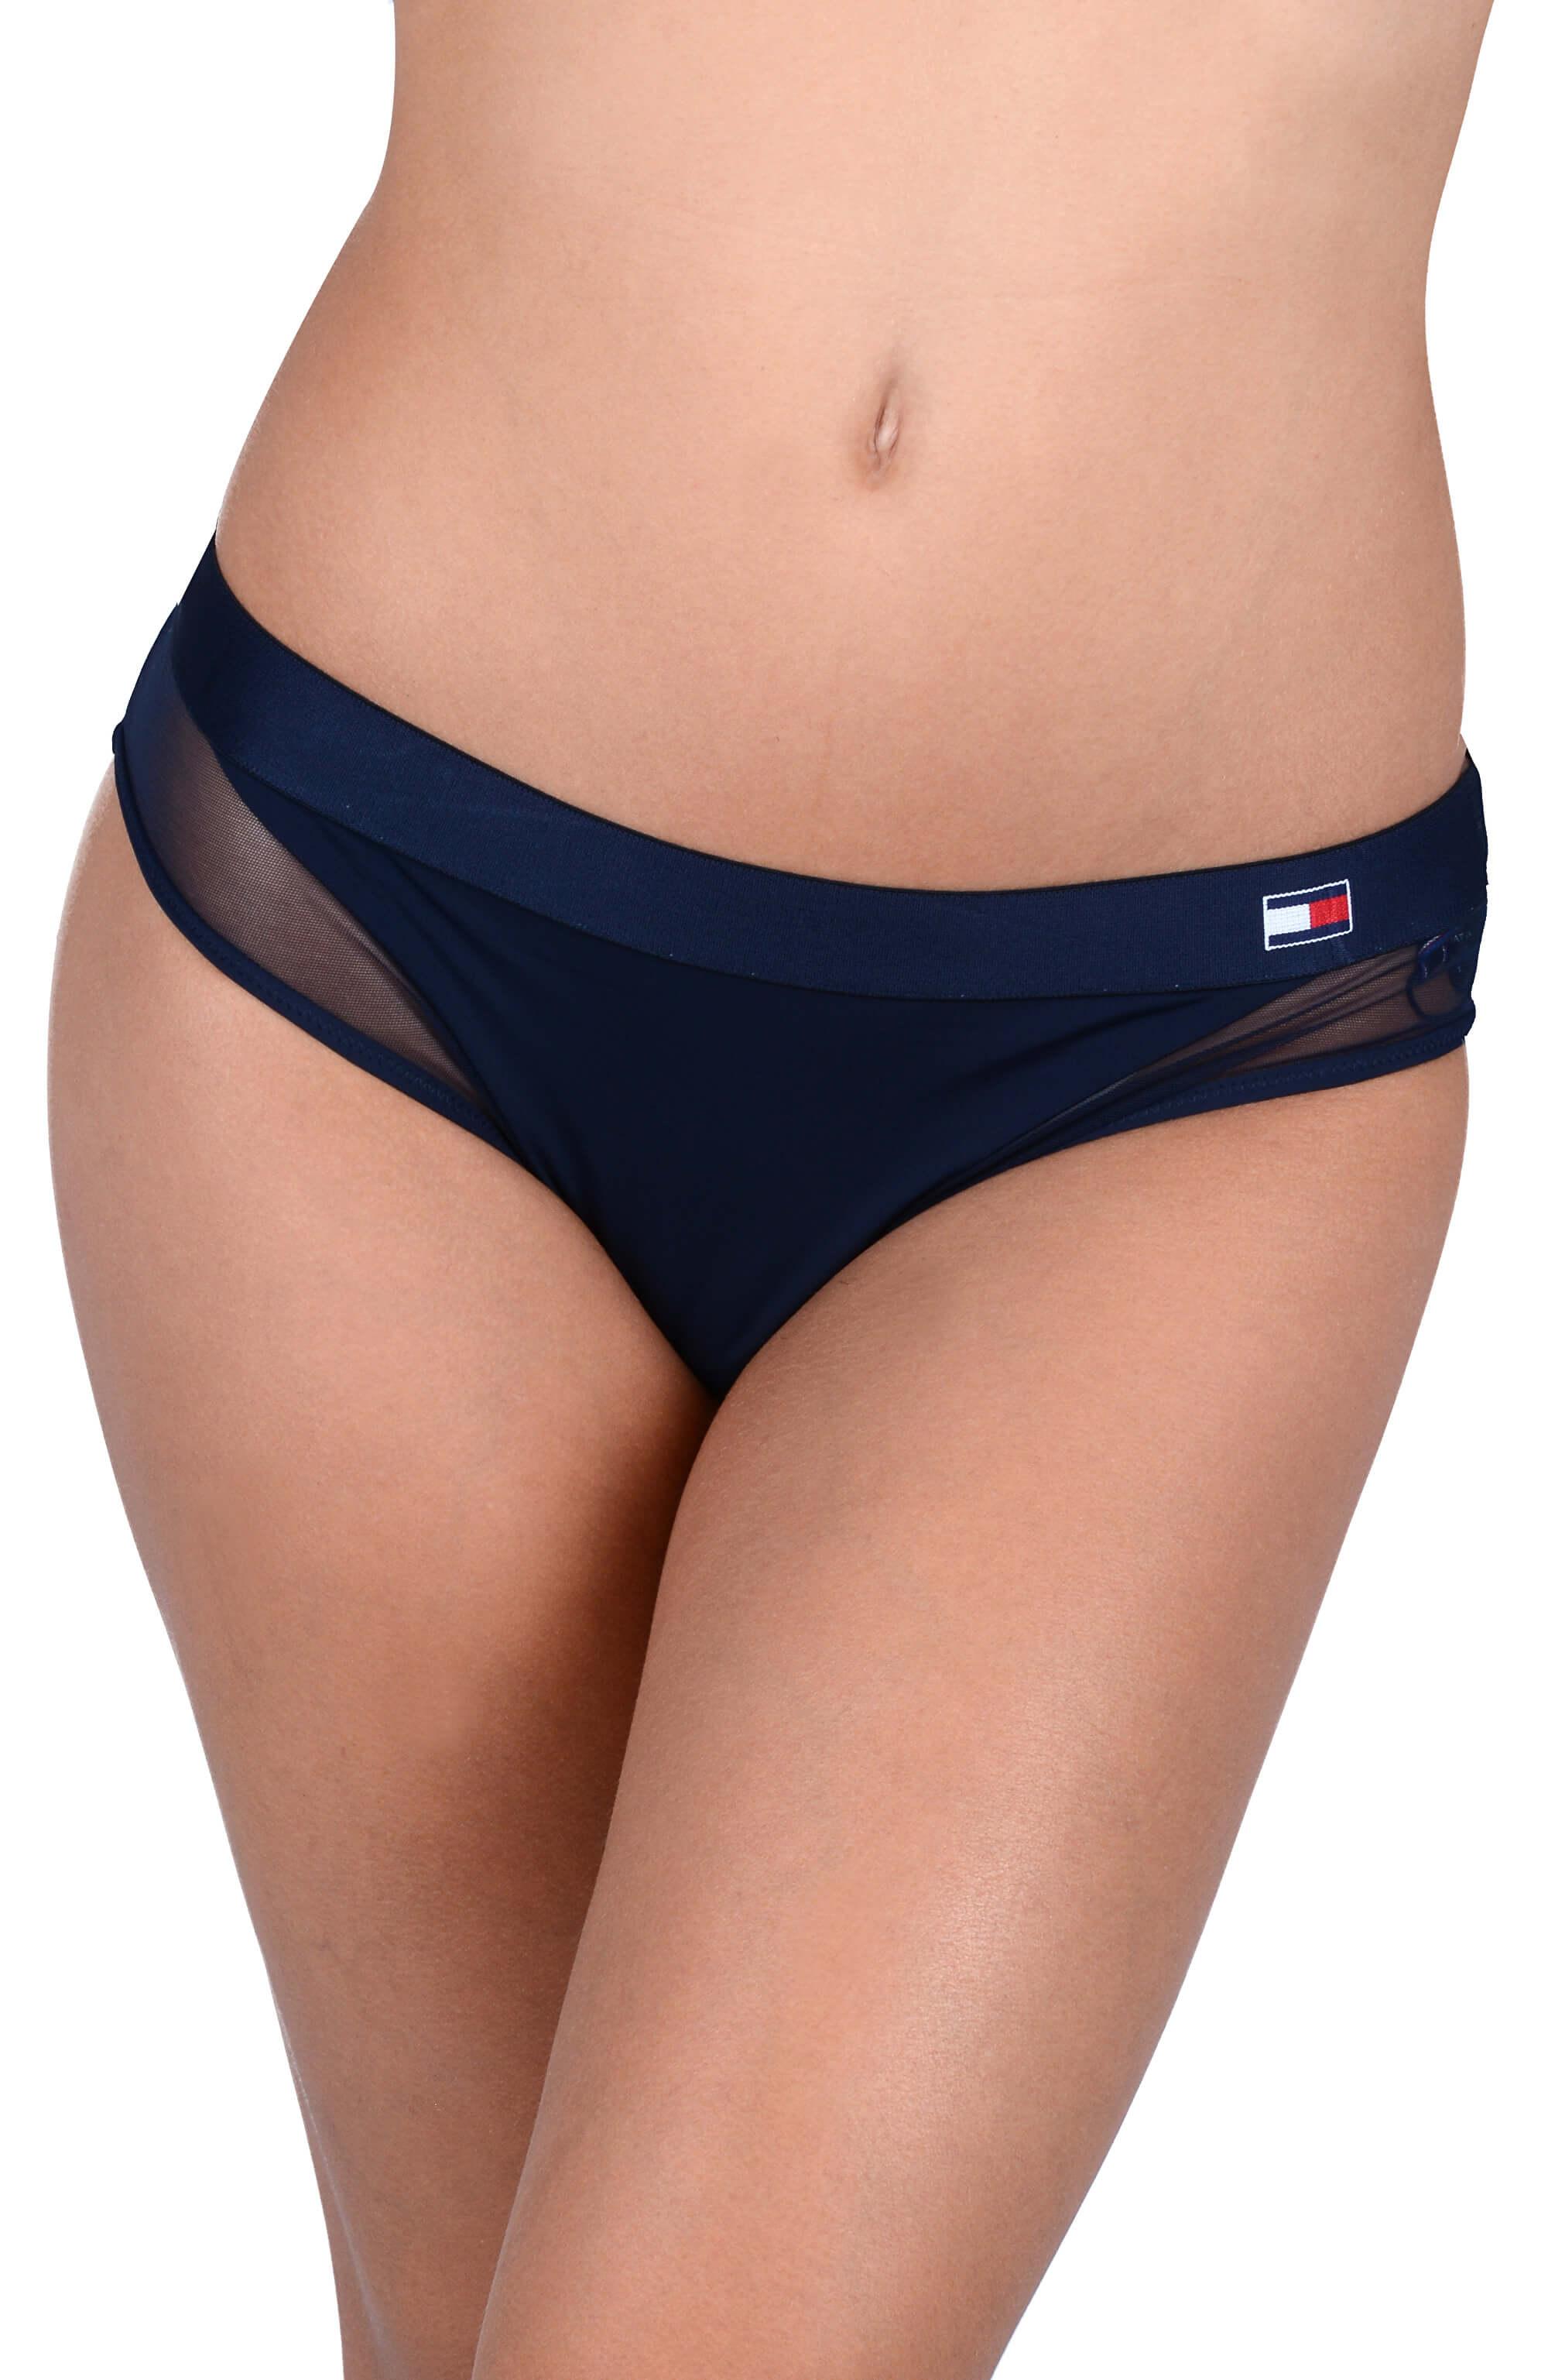 c37f70948e8 Tommy Hilfiger Dámské kalhotky Flag Core Mf Bikini Navy Blazer UW0UW01047- 416